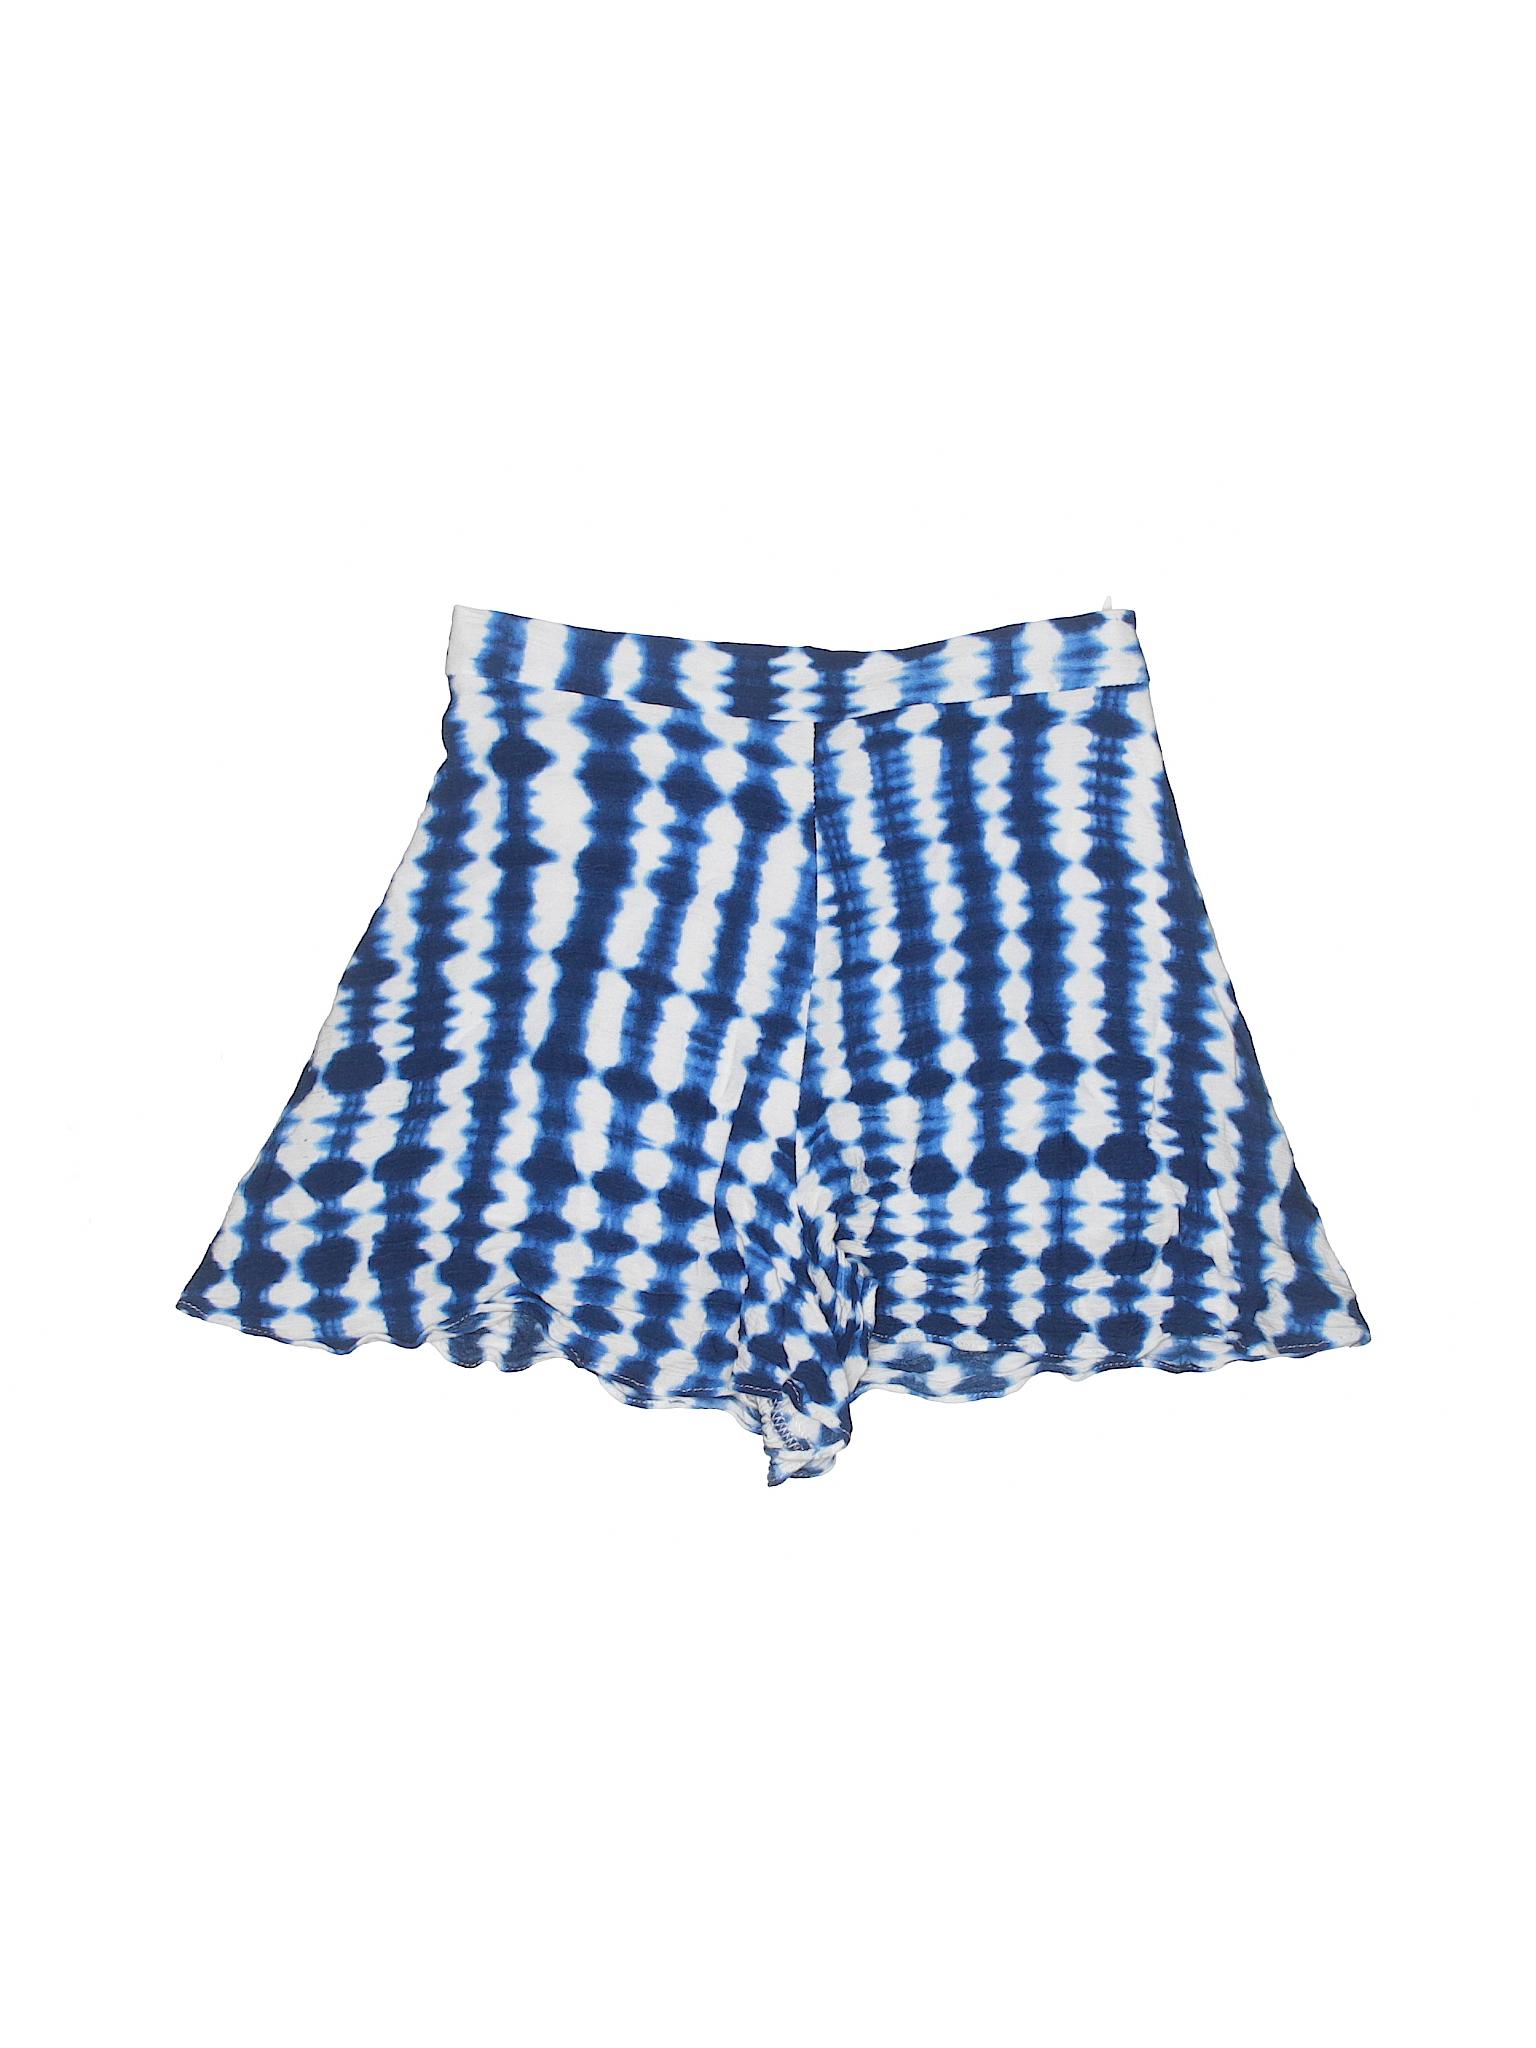 Shorts Aqua Shorts Boutique Boutique Aqua Aqua Shorts Boutique Boutique Aqua HzZF6zAw